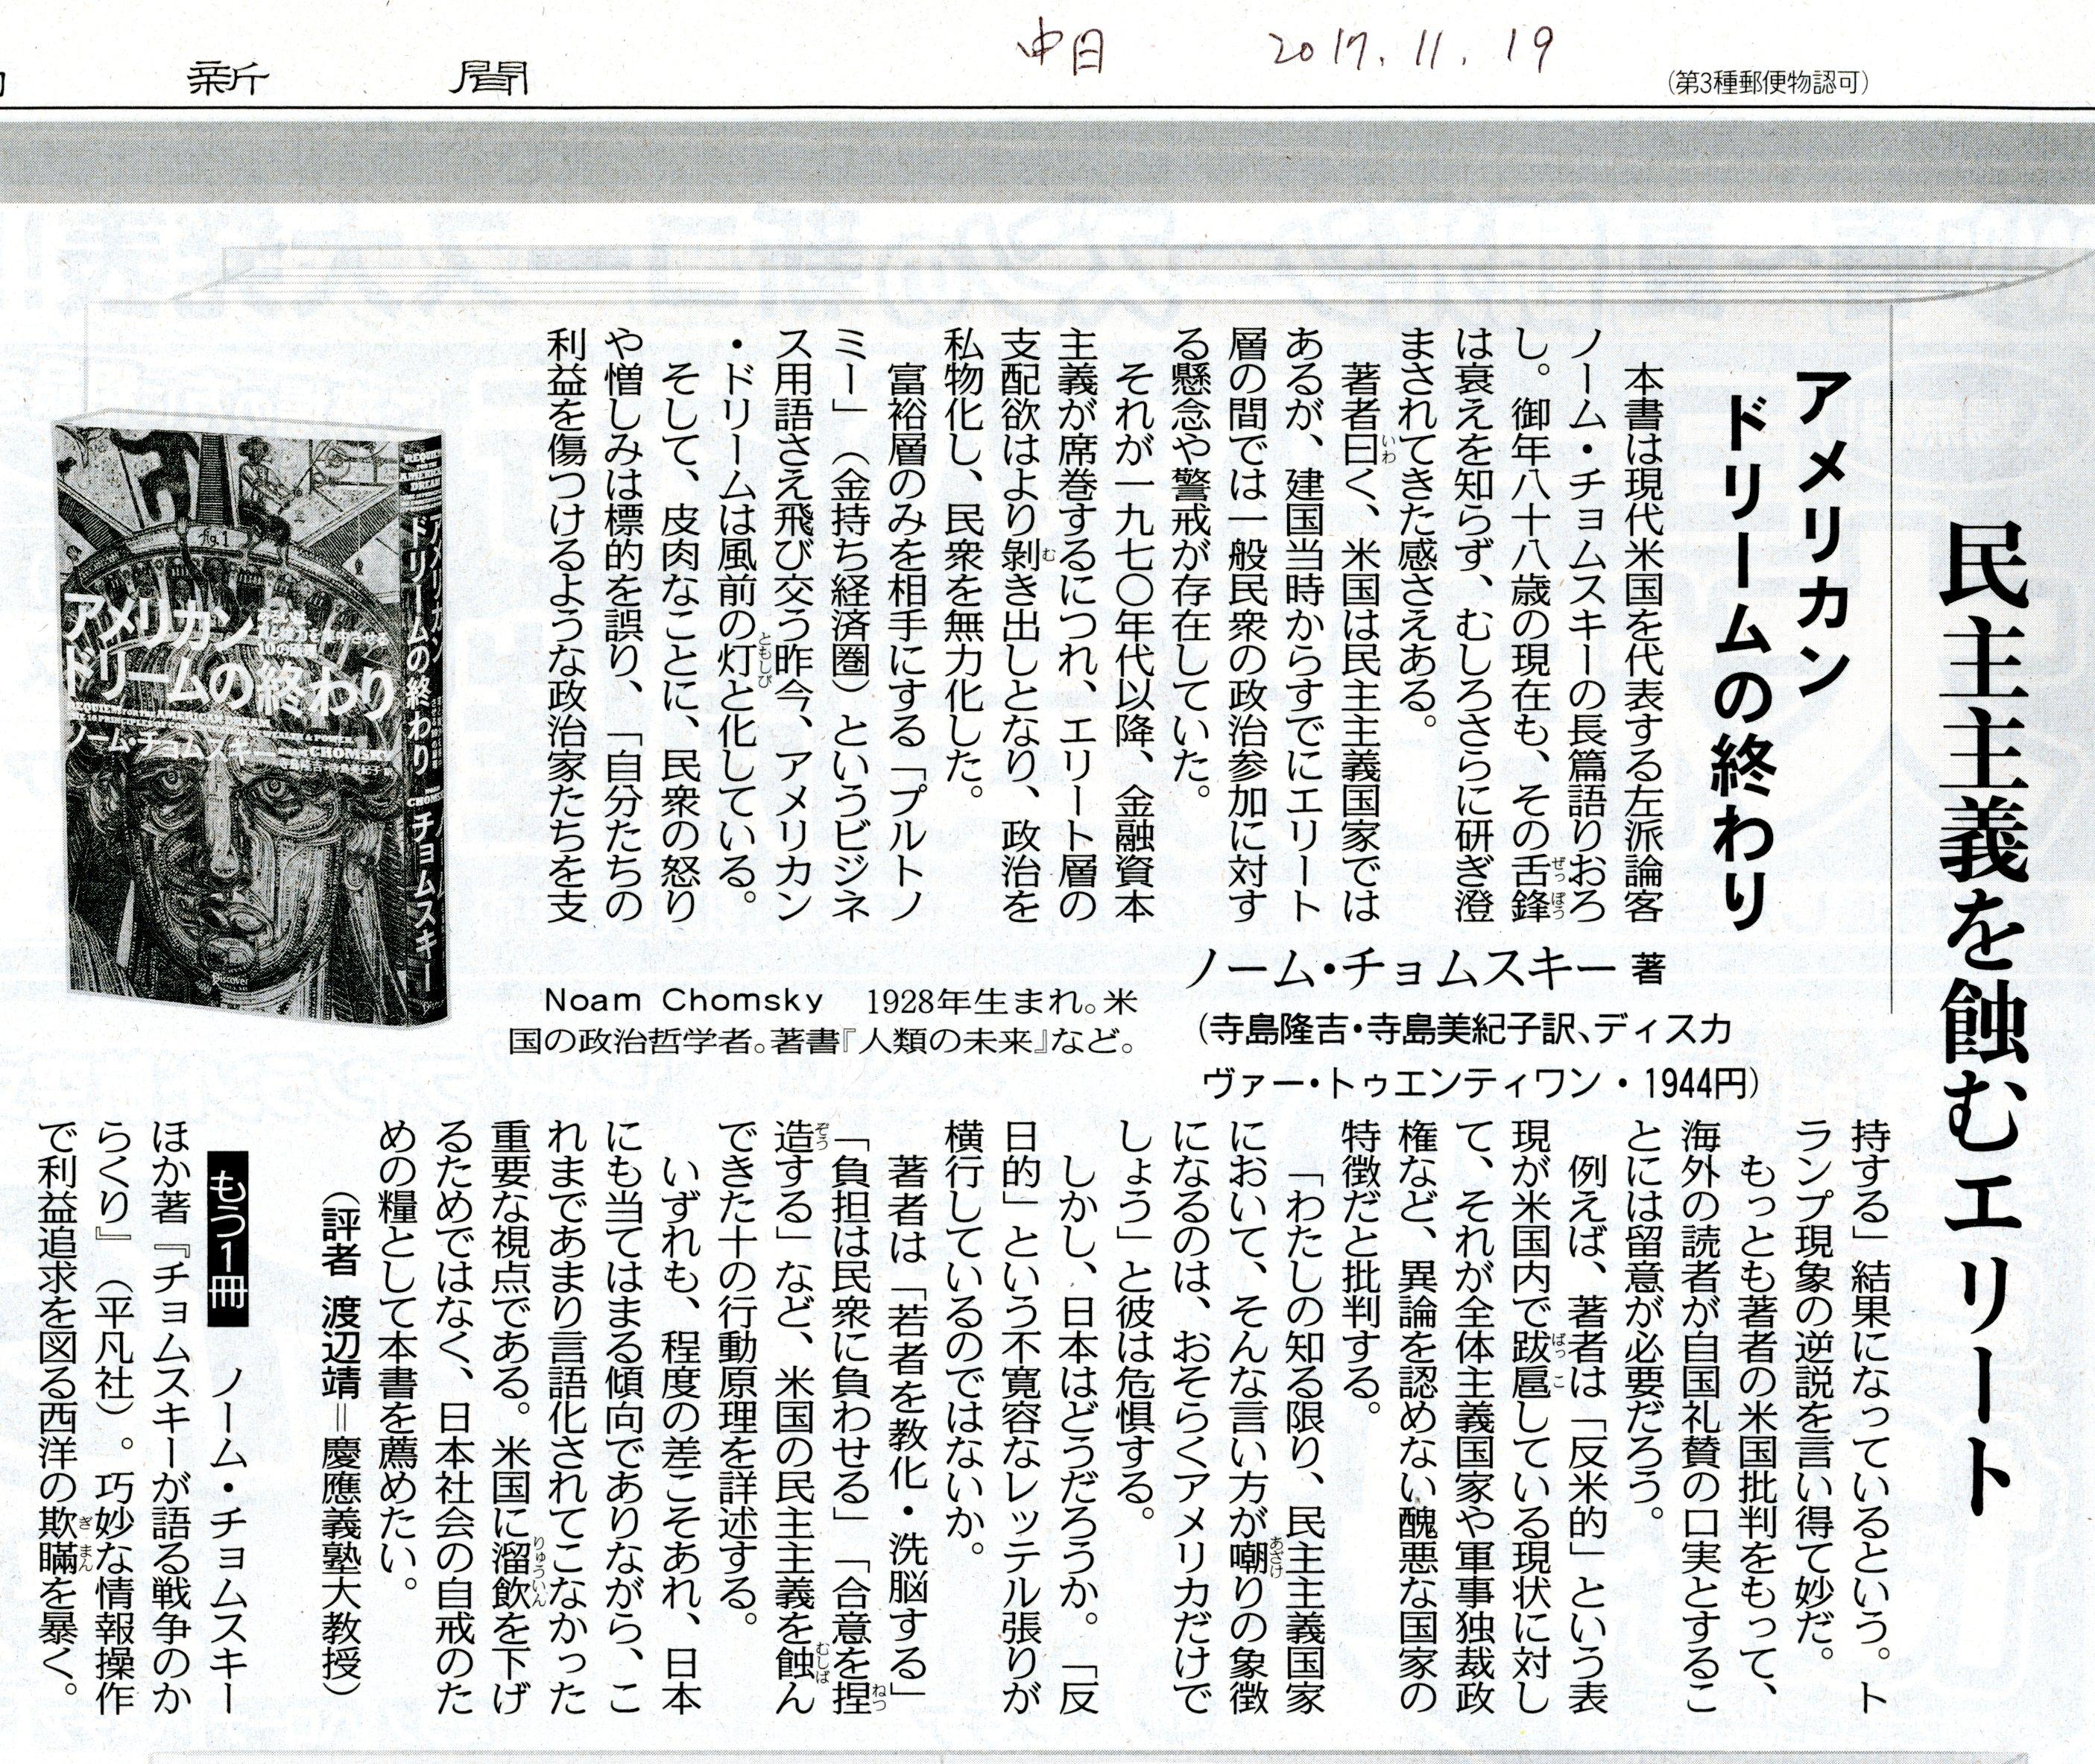 中日新聞20171119『終わり』書評 サイズ小063